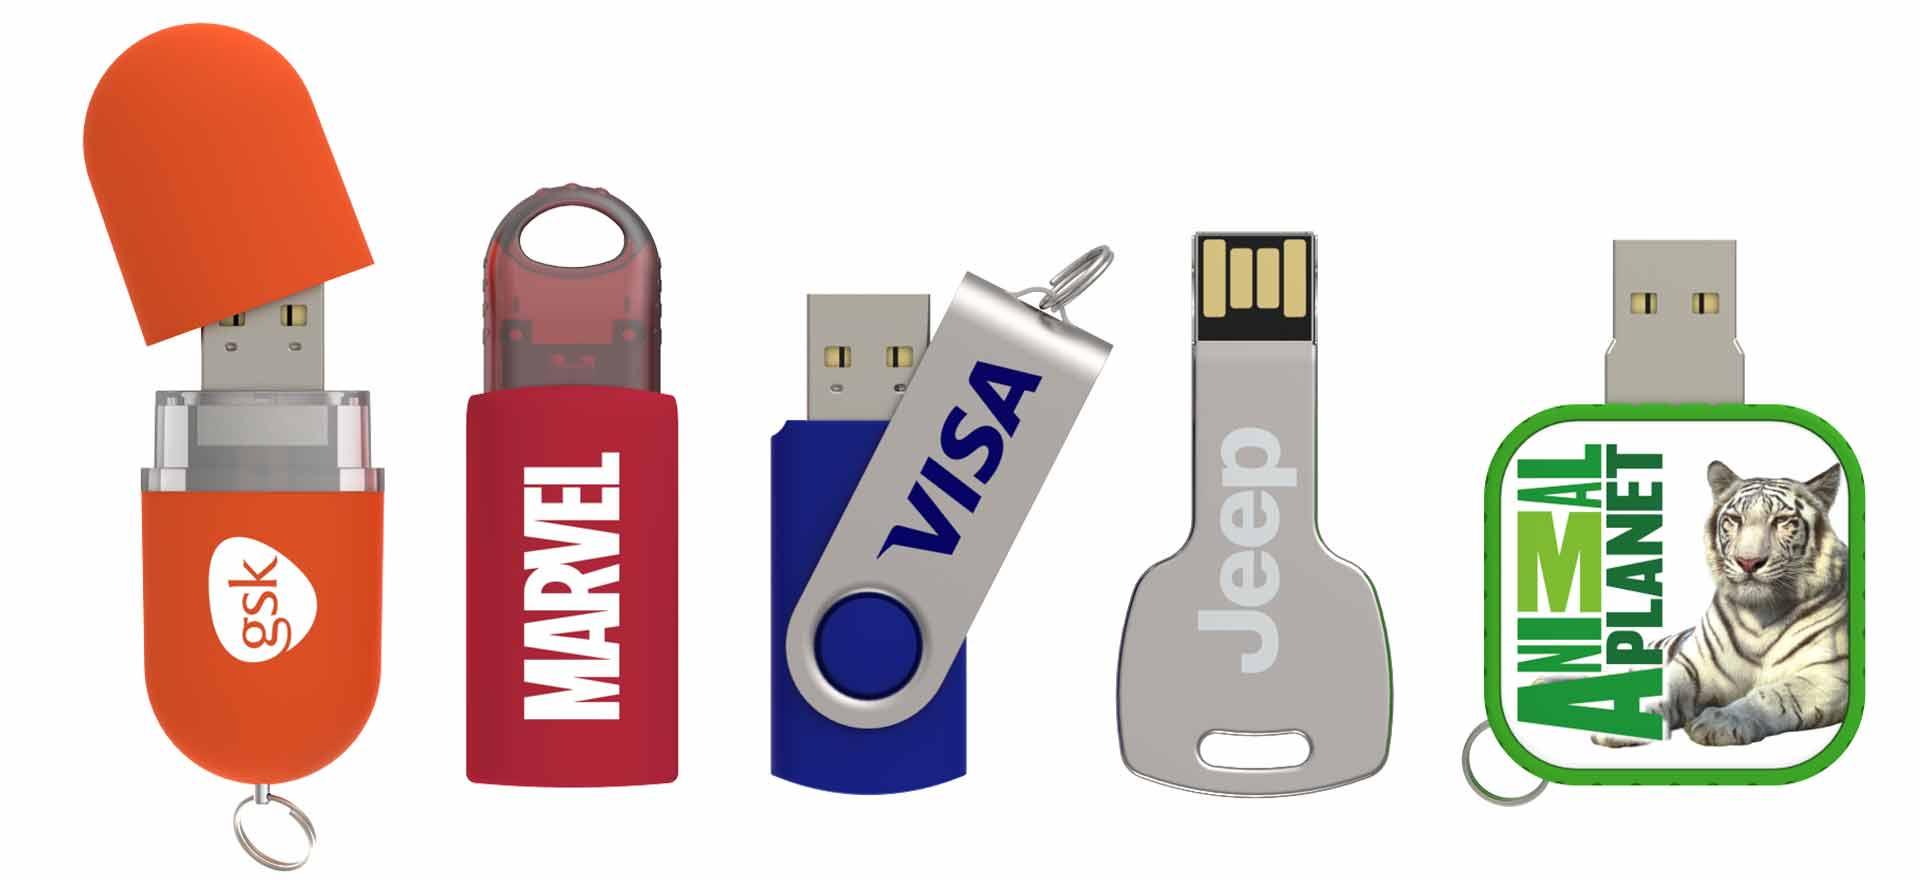 USB stik leveret på 5 dage!